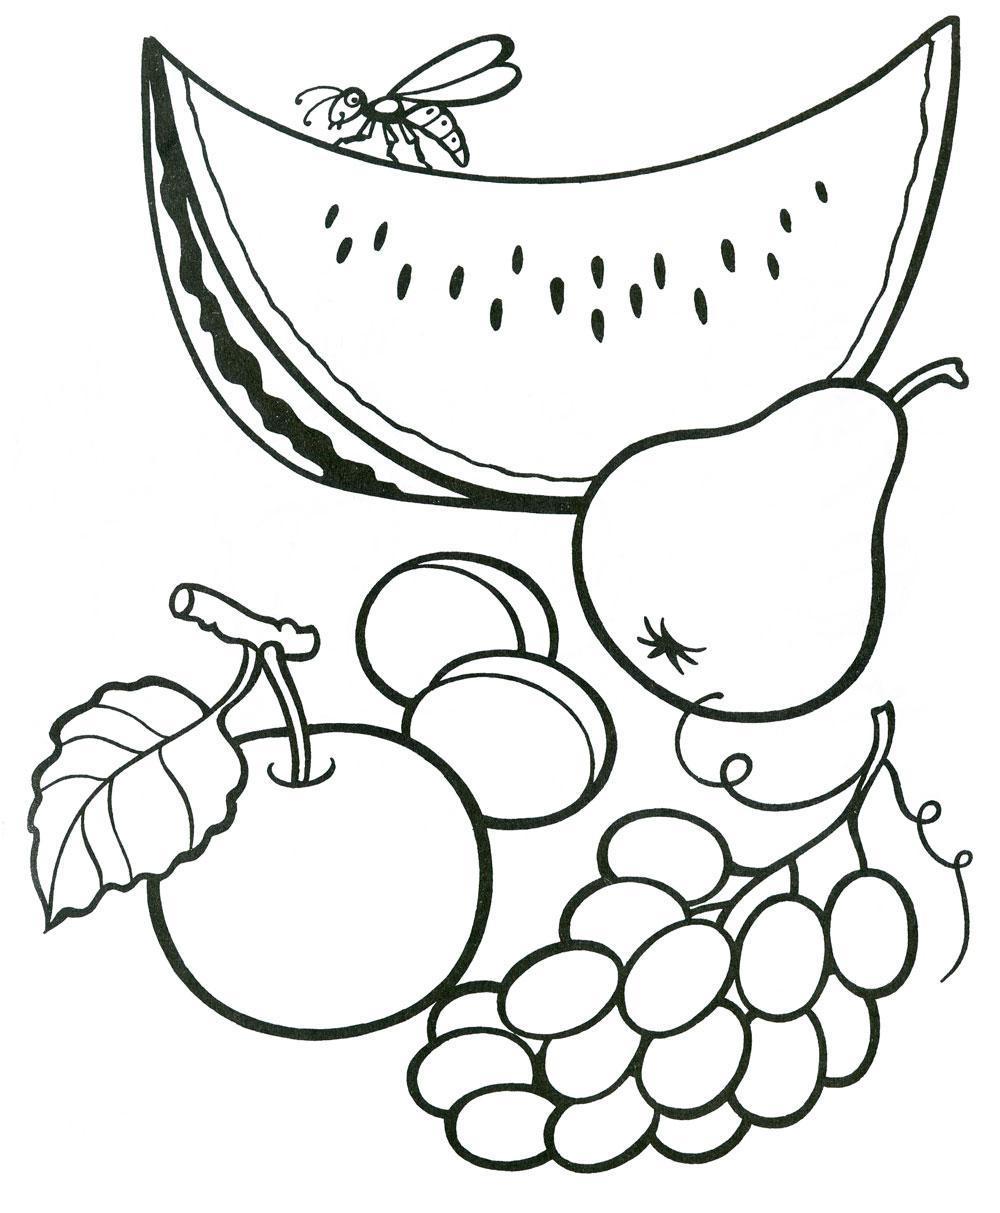 Раскраски фрукты  раскраски фрукты, для детей, распечатать, онлайн